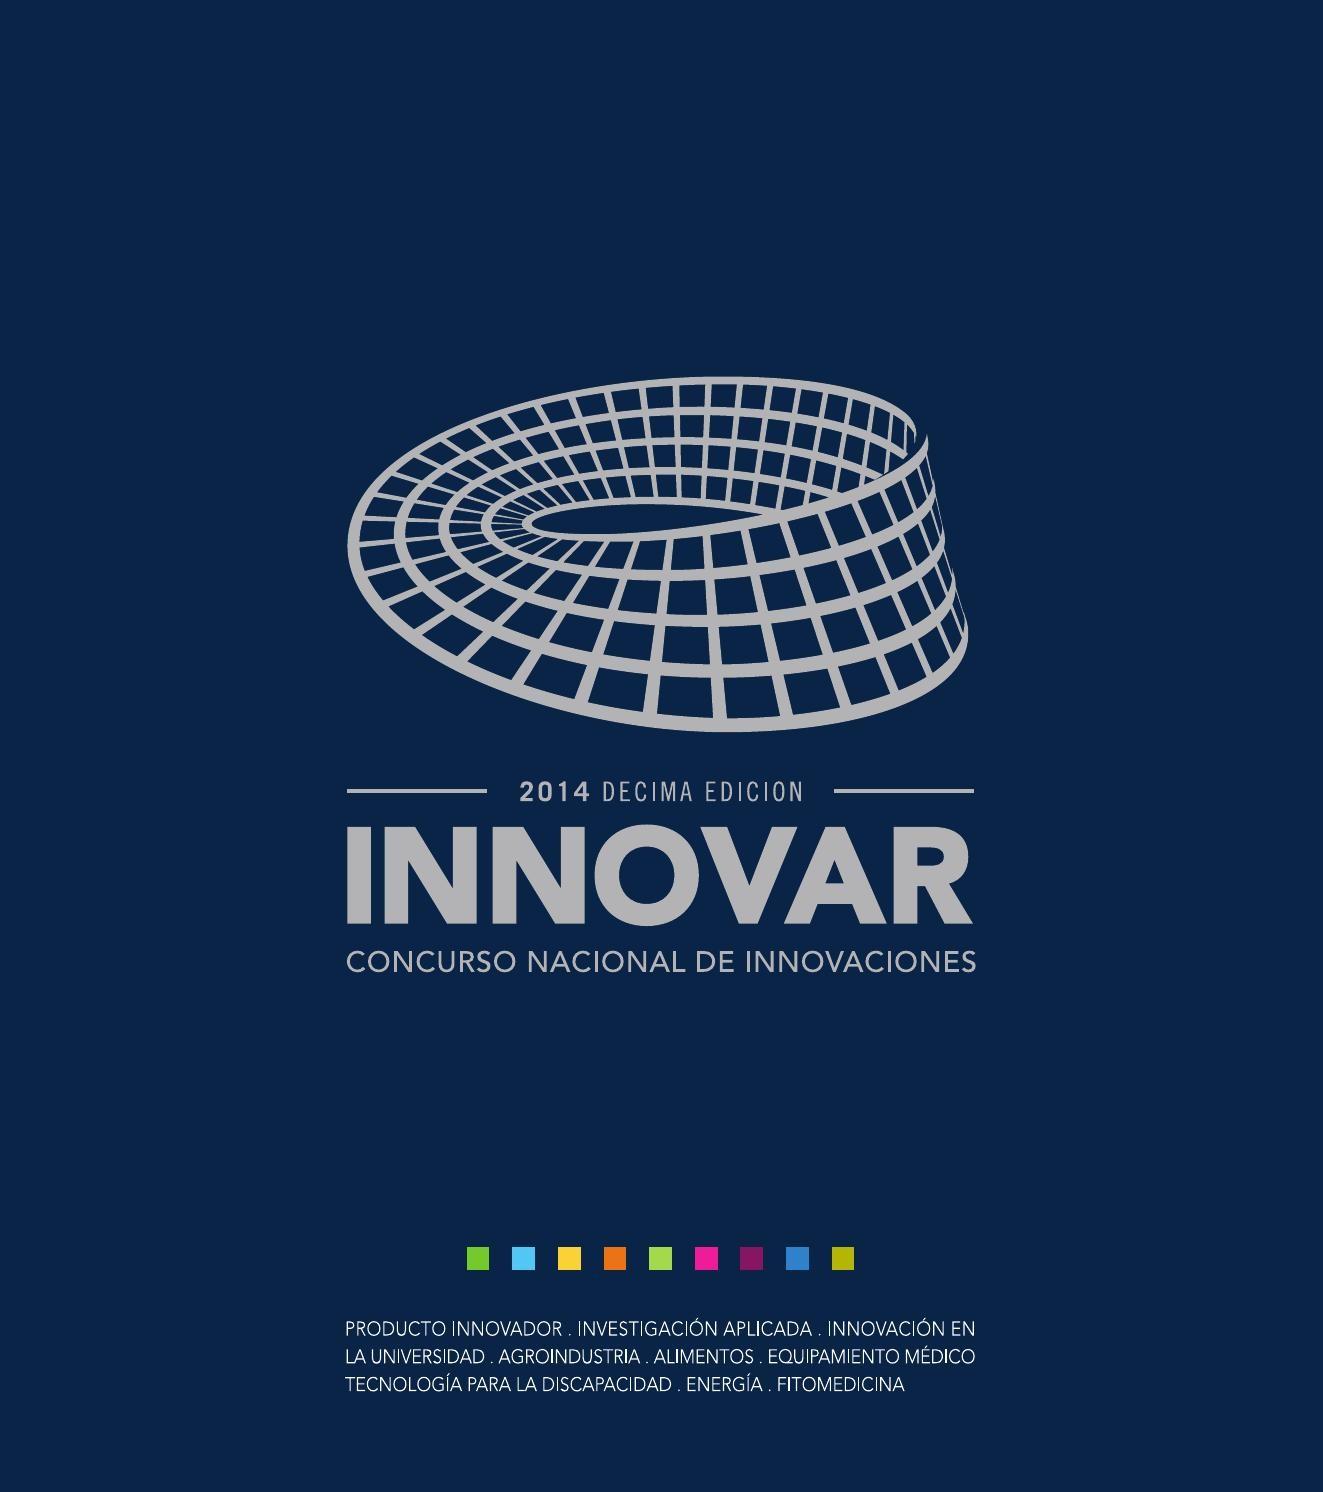 Calendario De Vacunacion 2017 Argentina Para Imprimir Más Populares Catálogo Innovar 2014 by Concurso Innovar issuu Of Calendario De Vacunacion 2017 Argentina Para Imprimir Actual 125 Best Viajes Images On Pinterest